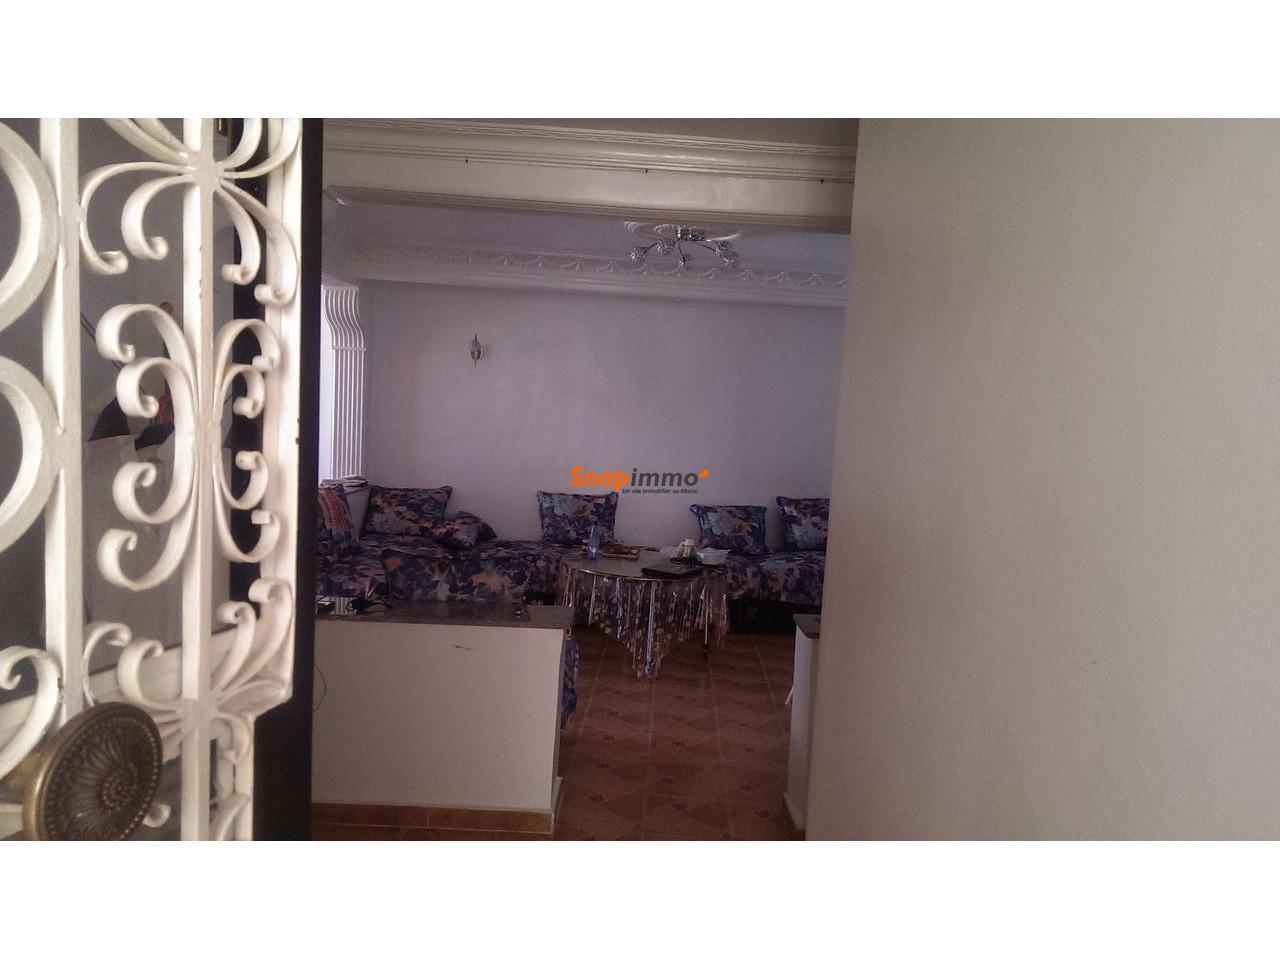 Appartement meublé pour colocation 2 à 4 pers. -secteur Alazhar - 3/3